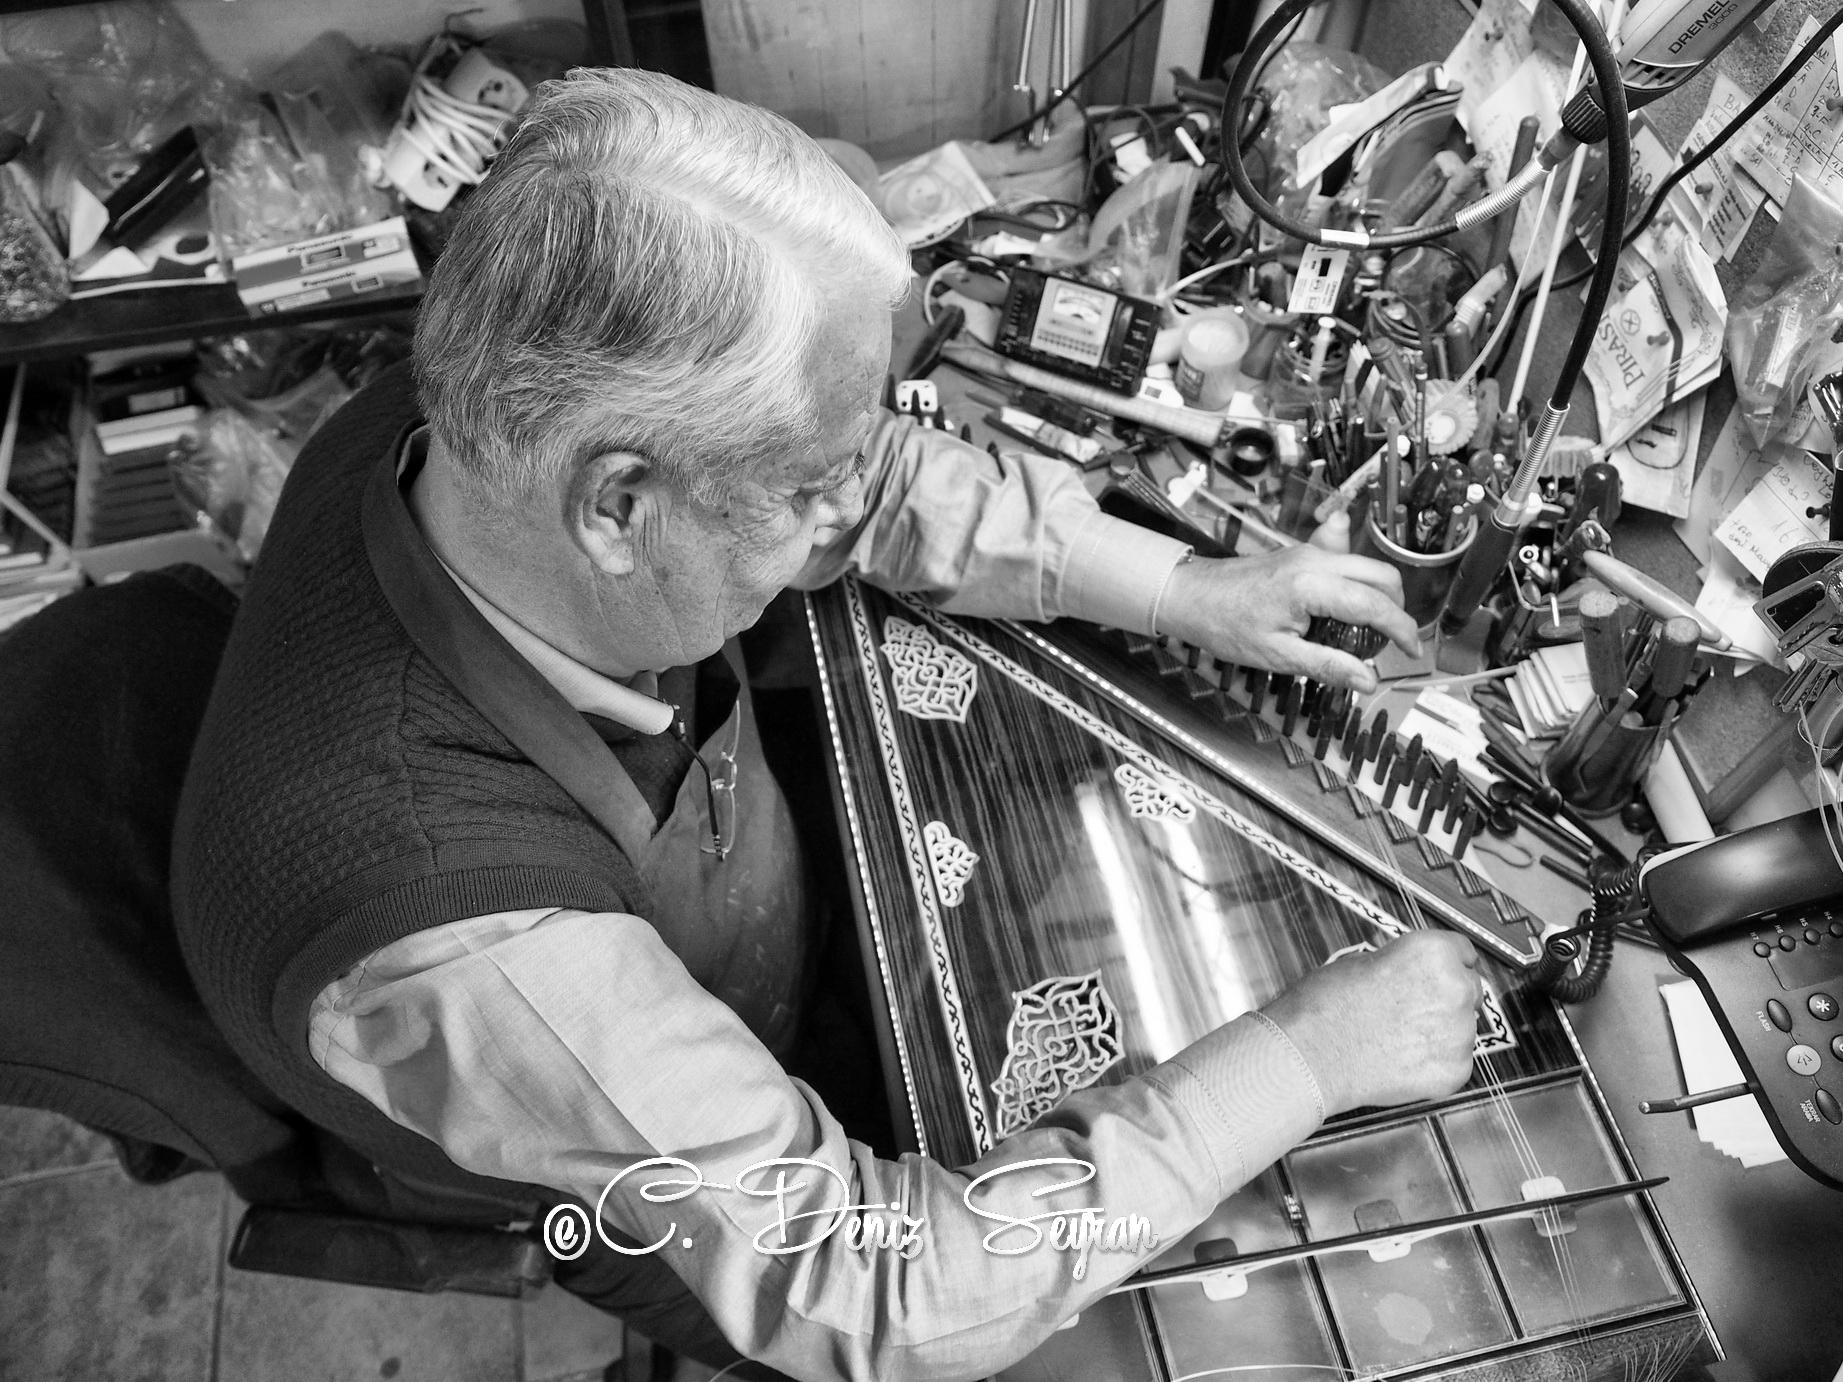 müzik aletleri üretimi, deniz seyran